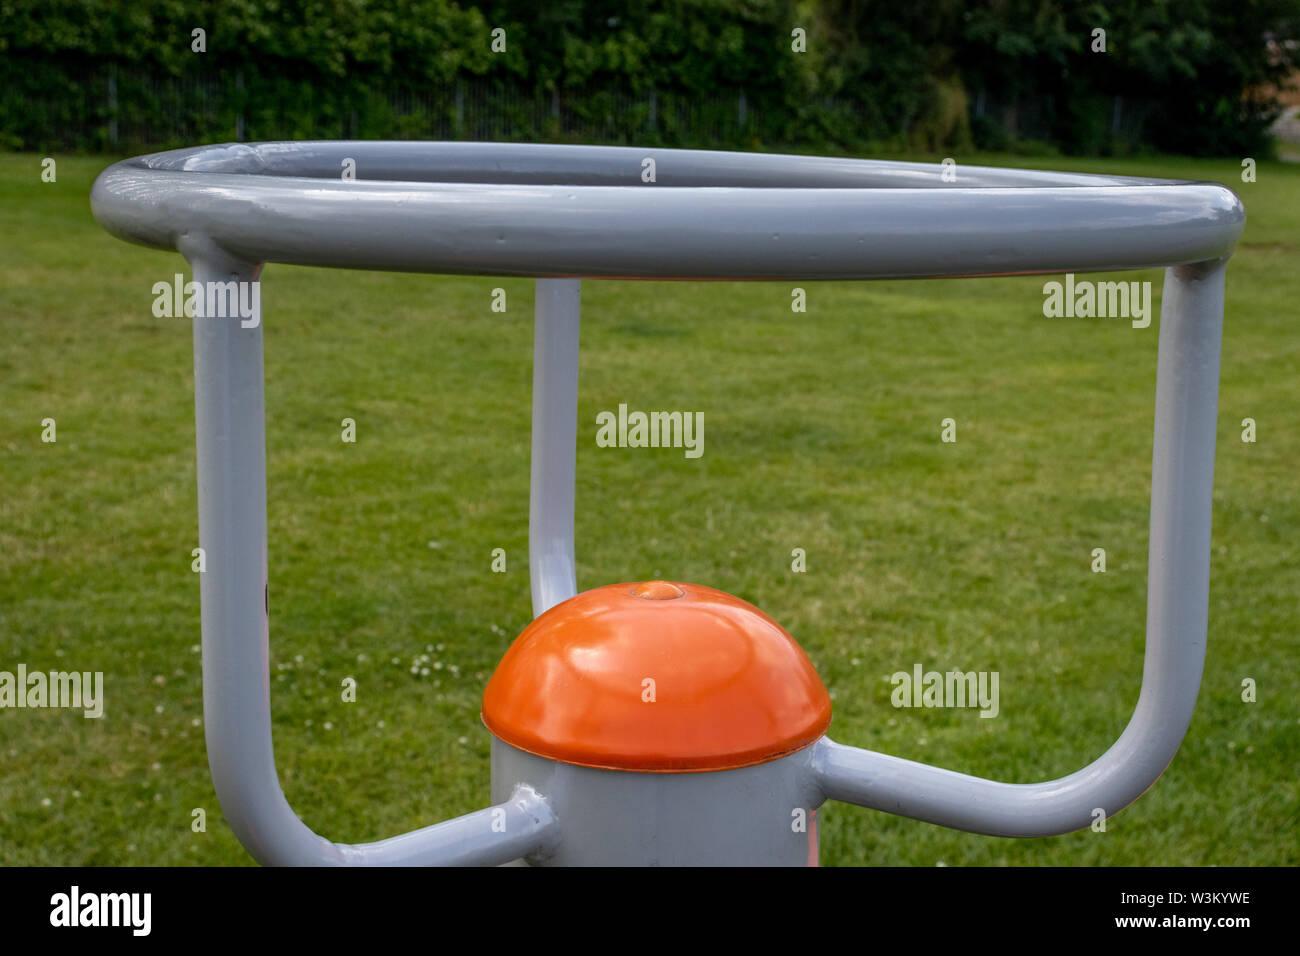 L'équipement d'exercice placé autour de divers endroits dans un parc en libre utilisation par les membres du public à Swadlincote Derbyshire ,.UK Photo Stock